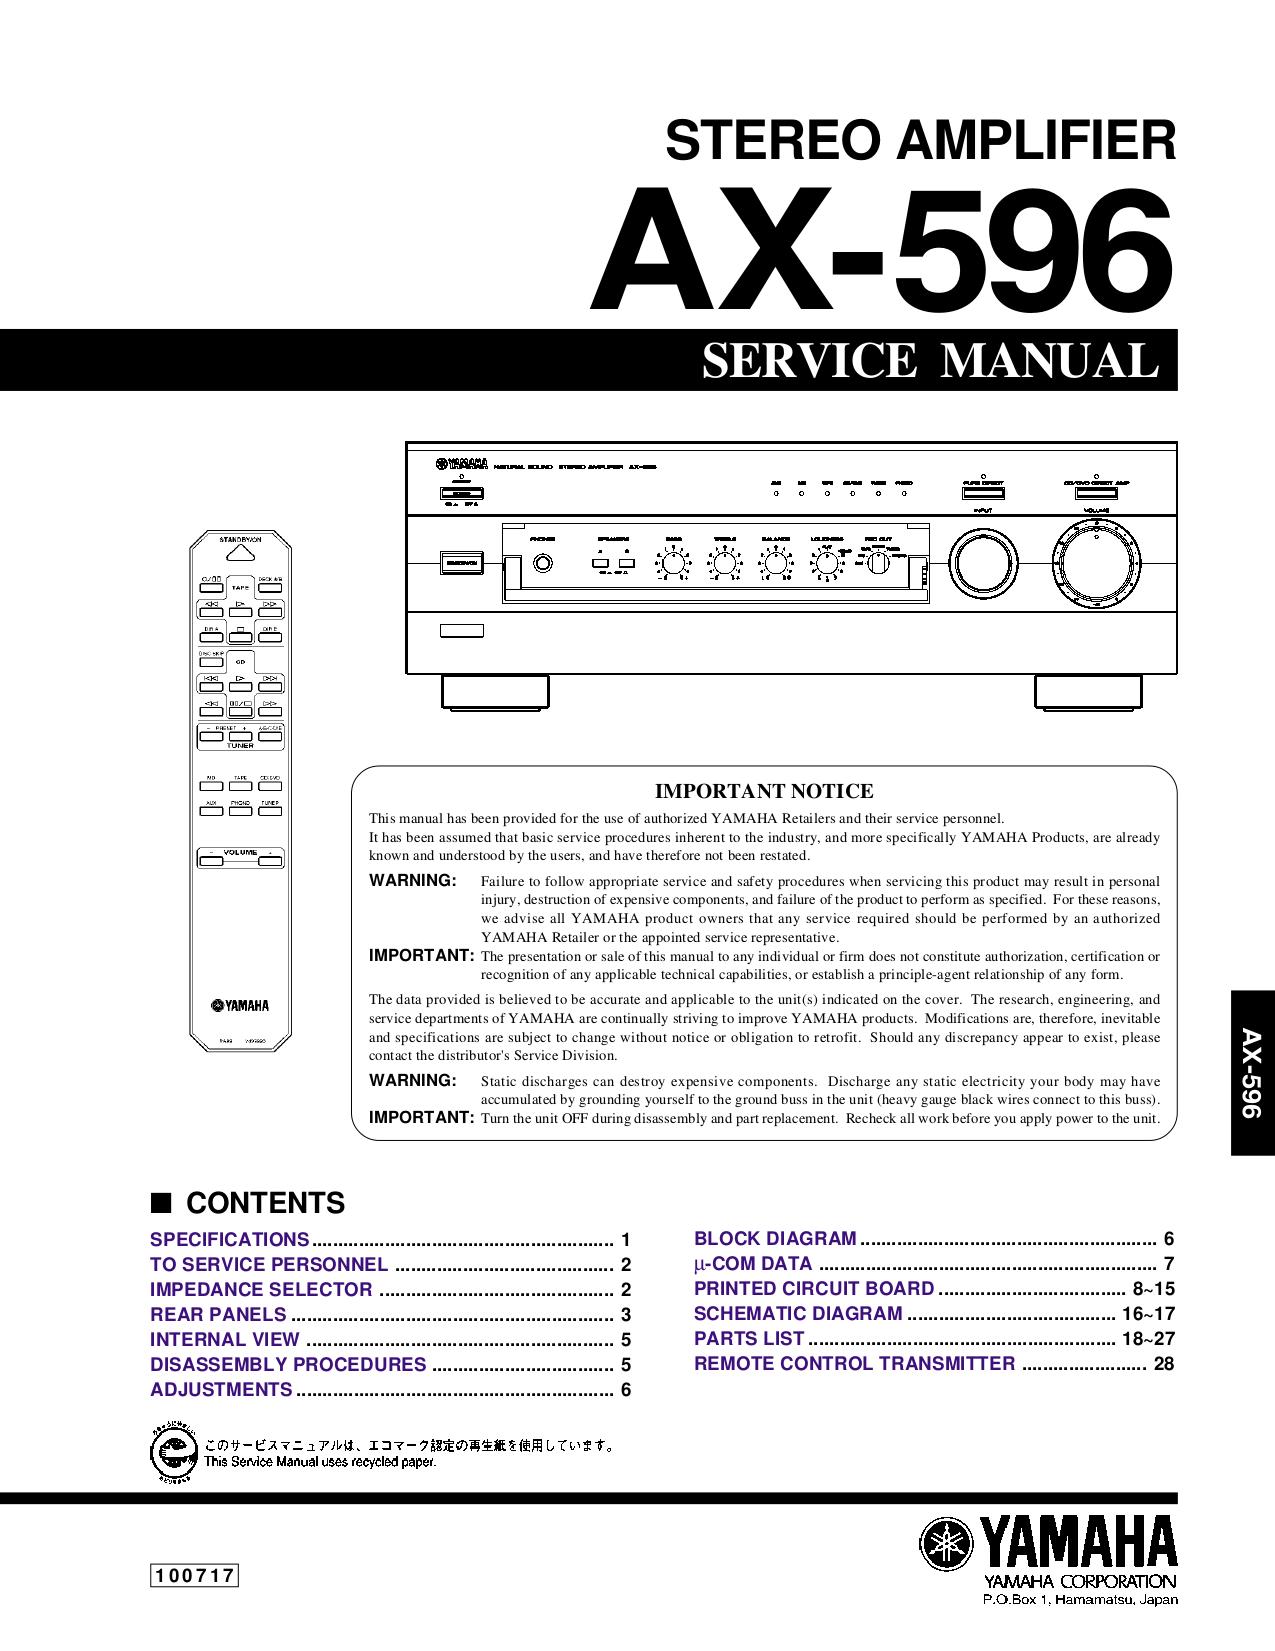 honda xr500 manual free download